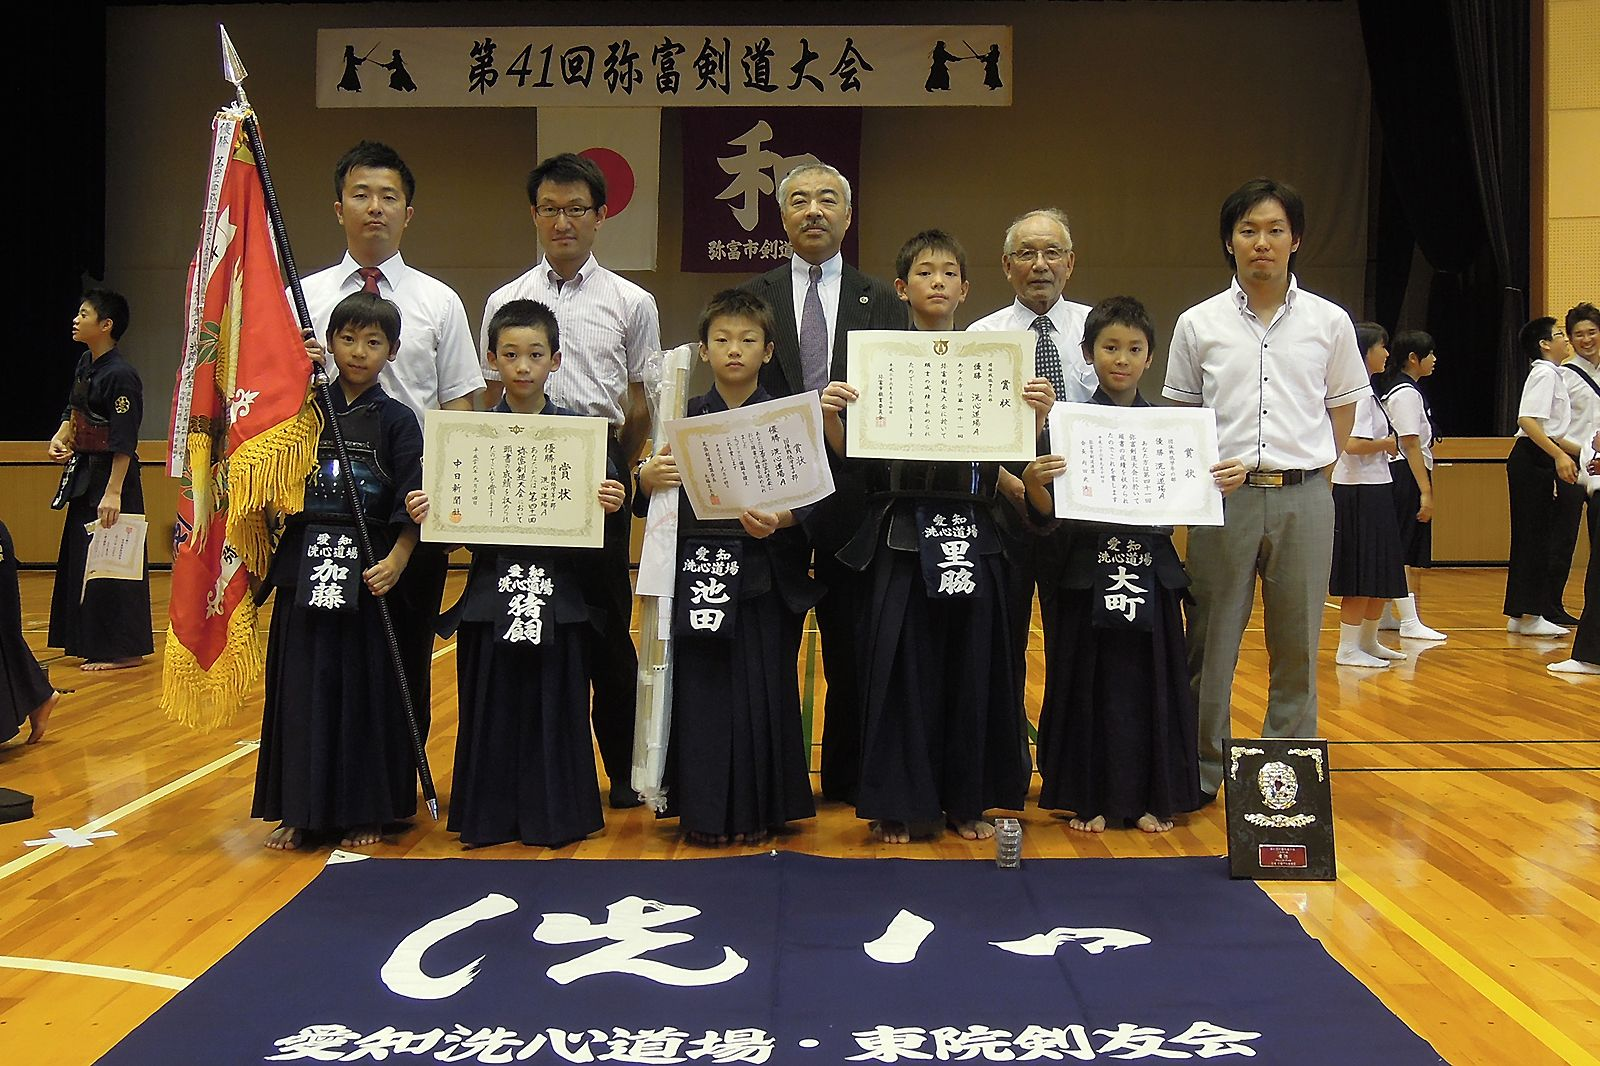 第41回弥富剣道大会